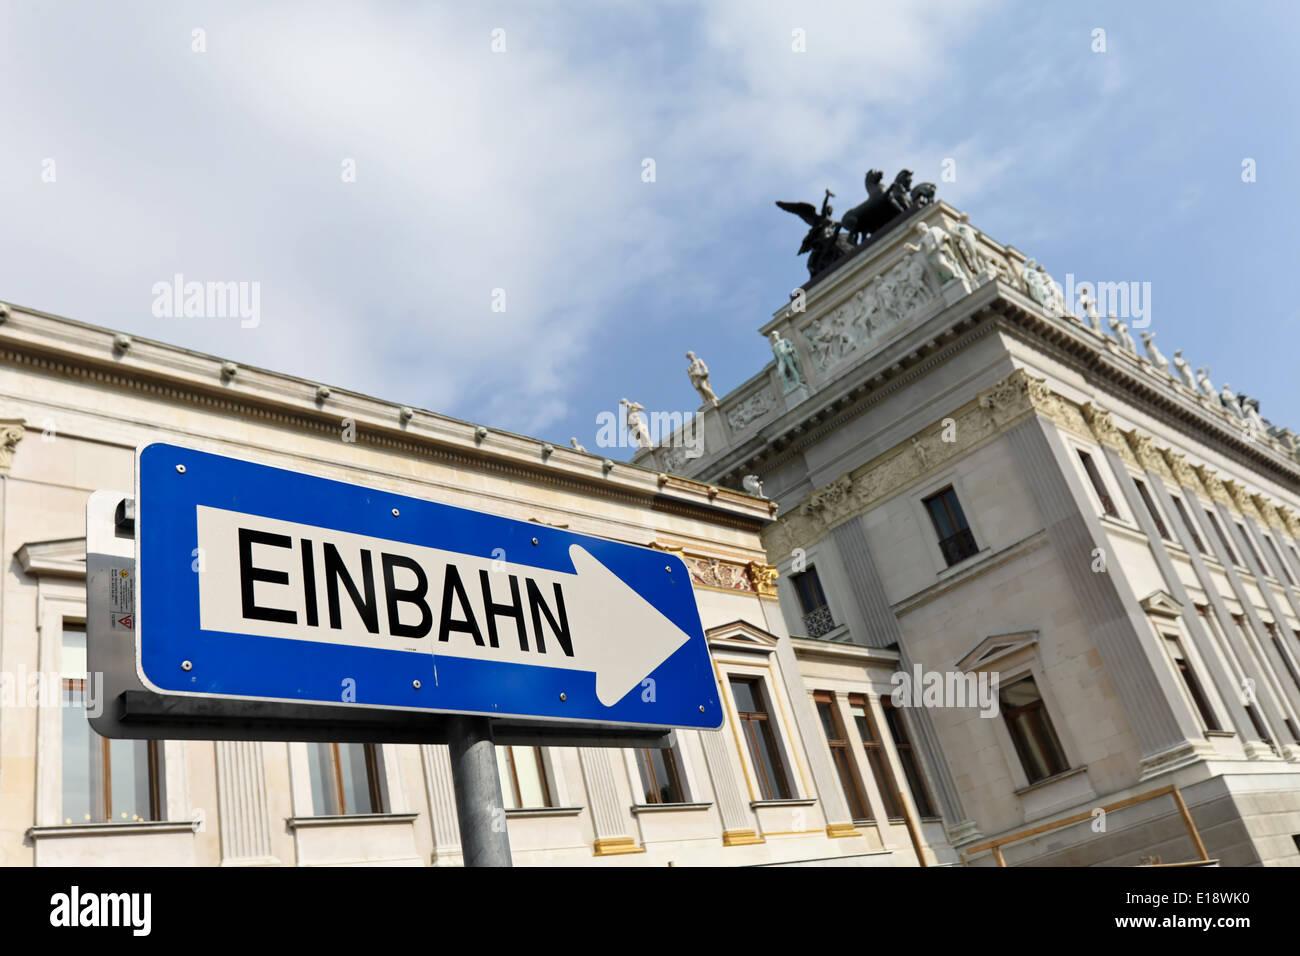 ÷sterreich, Wien, Parlament. AUSSENAUFNAHME Mit Einem Einbahn Schild Stockbild